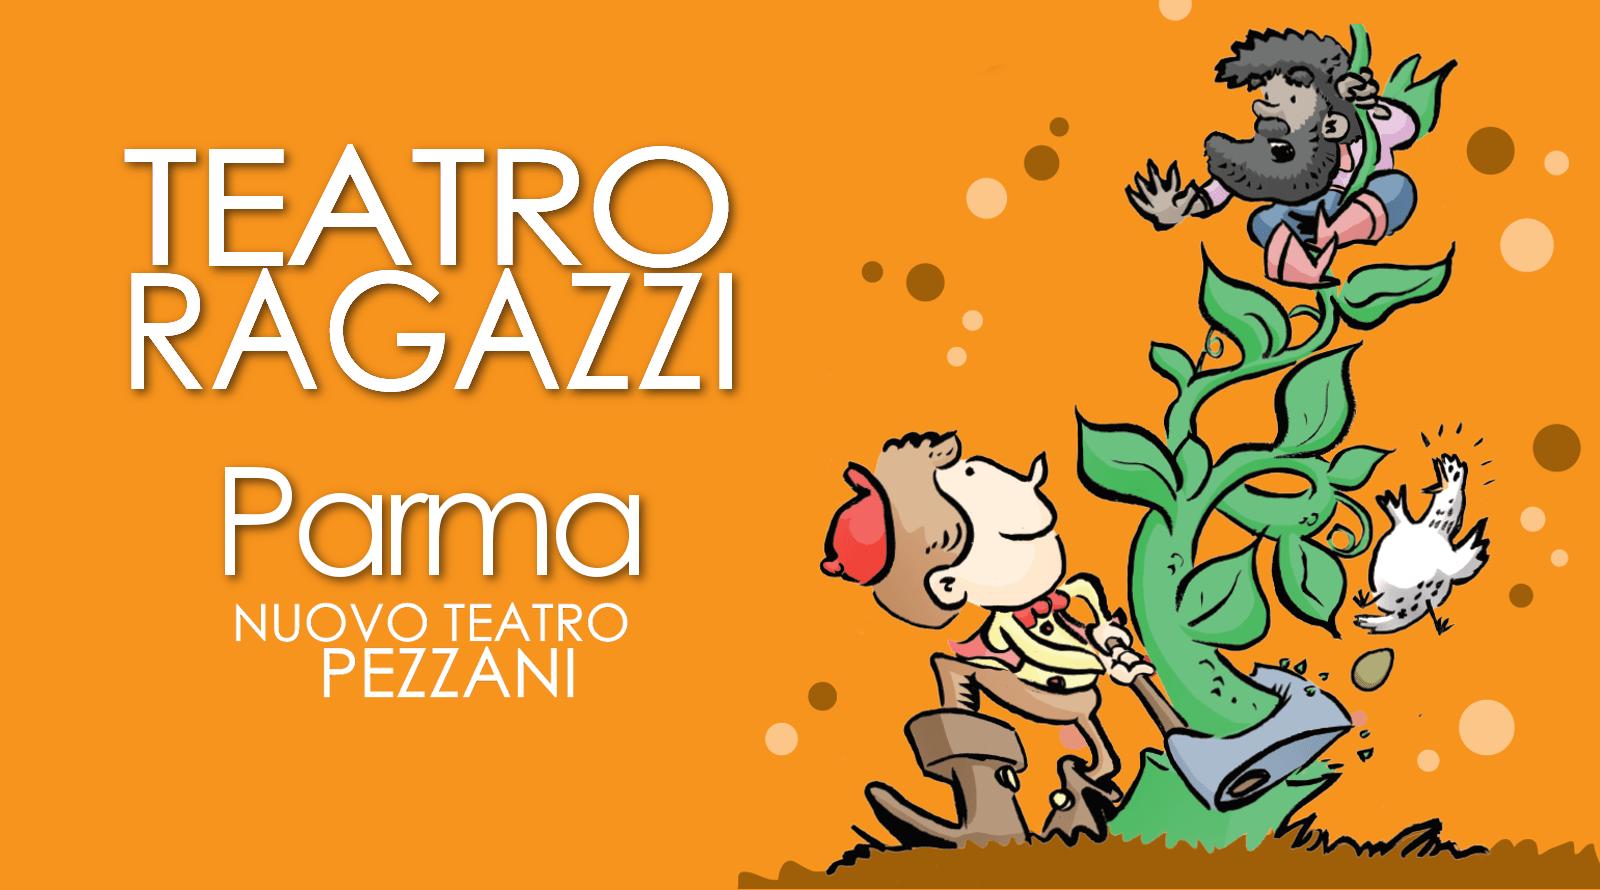 Rassegna di Teatro Ragazzi al Nuovo Teatro Pezzani di Parma